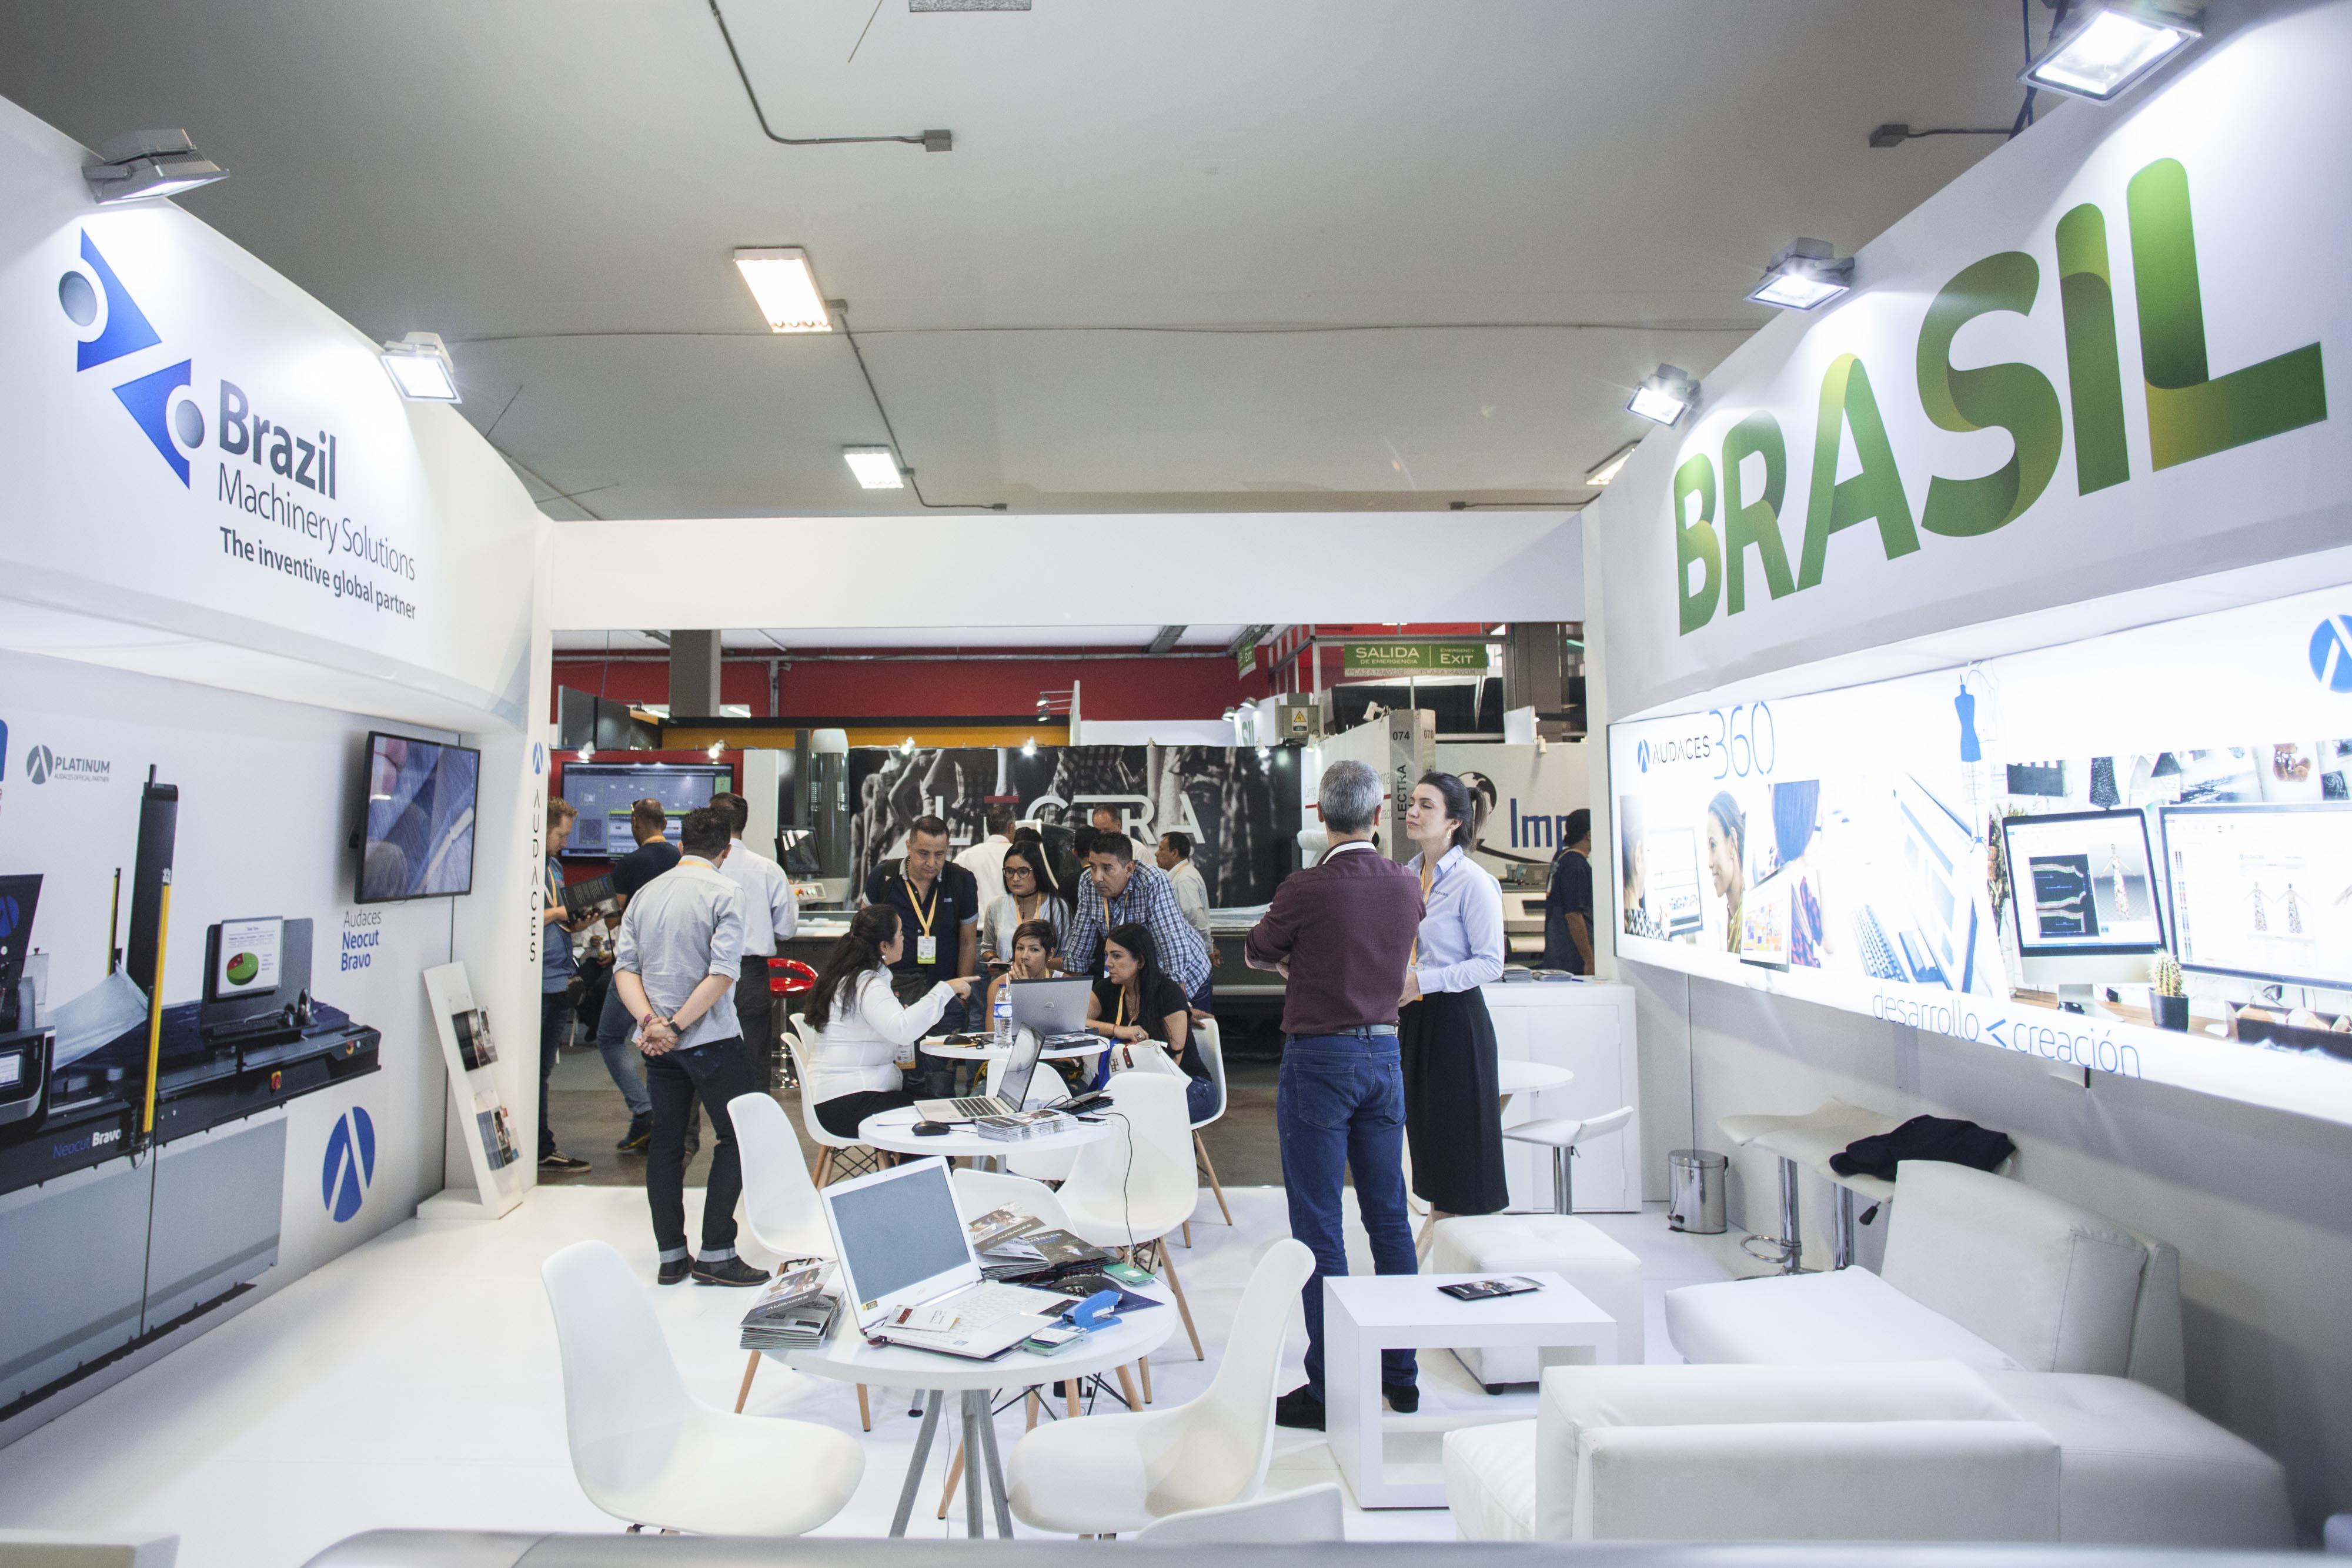 Inicia temporada de moda en el país. Industria brasileña sector textil participa en Colombiatex 2019 | Variedades | EL FRENTE